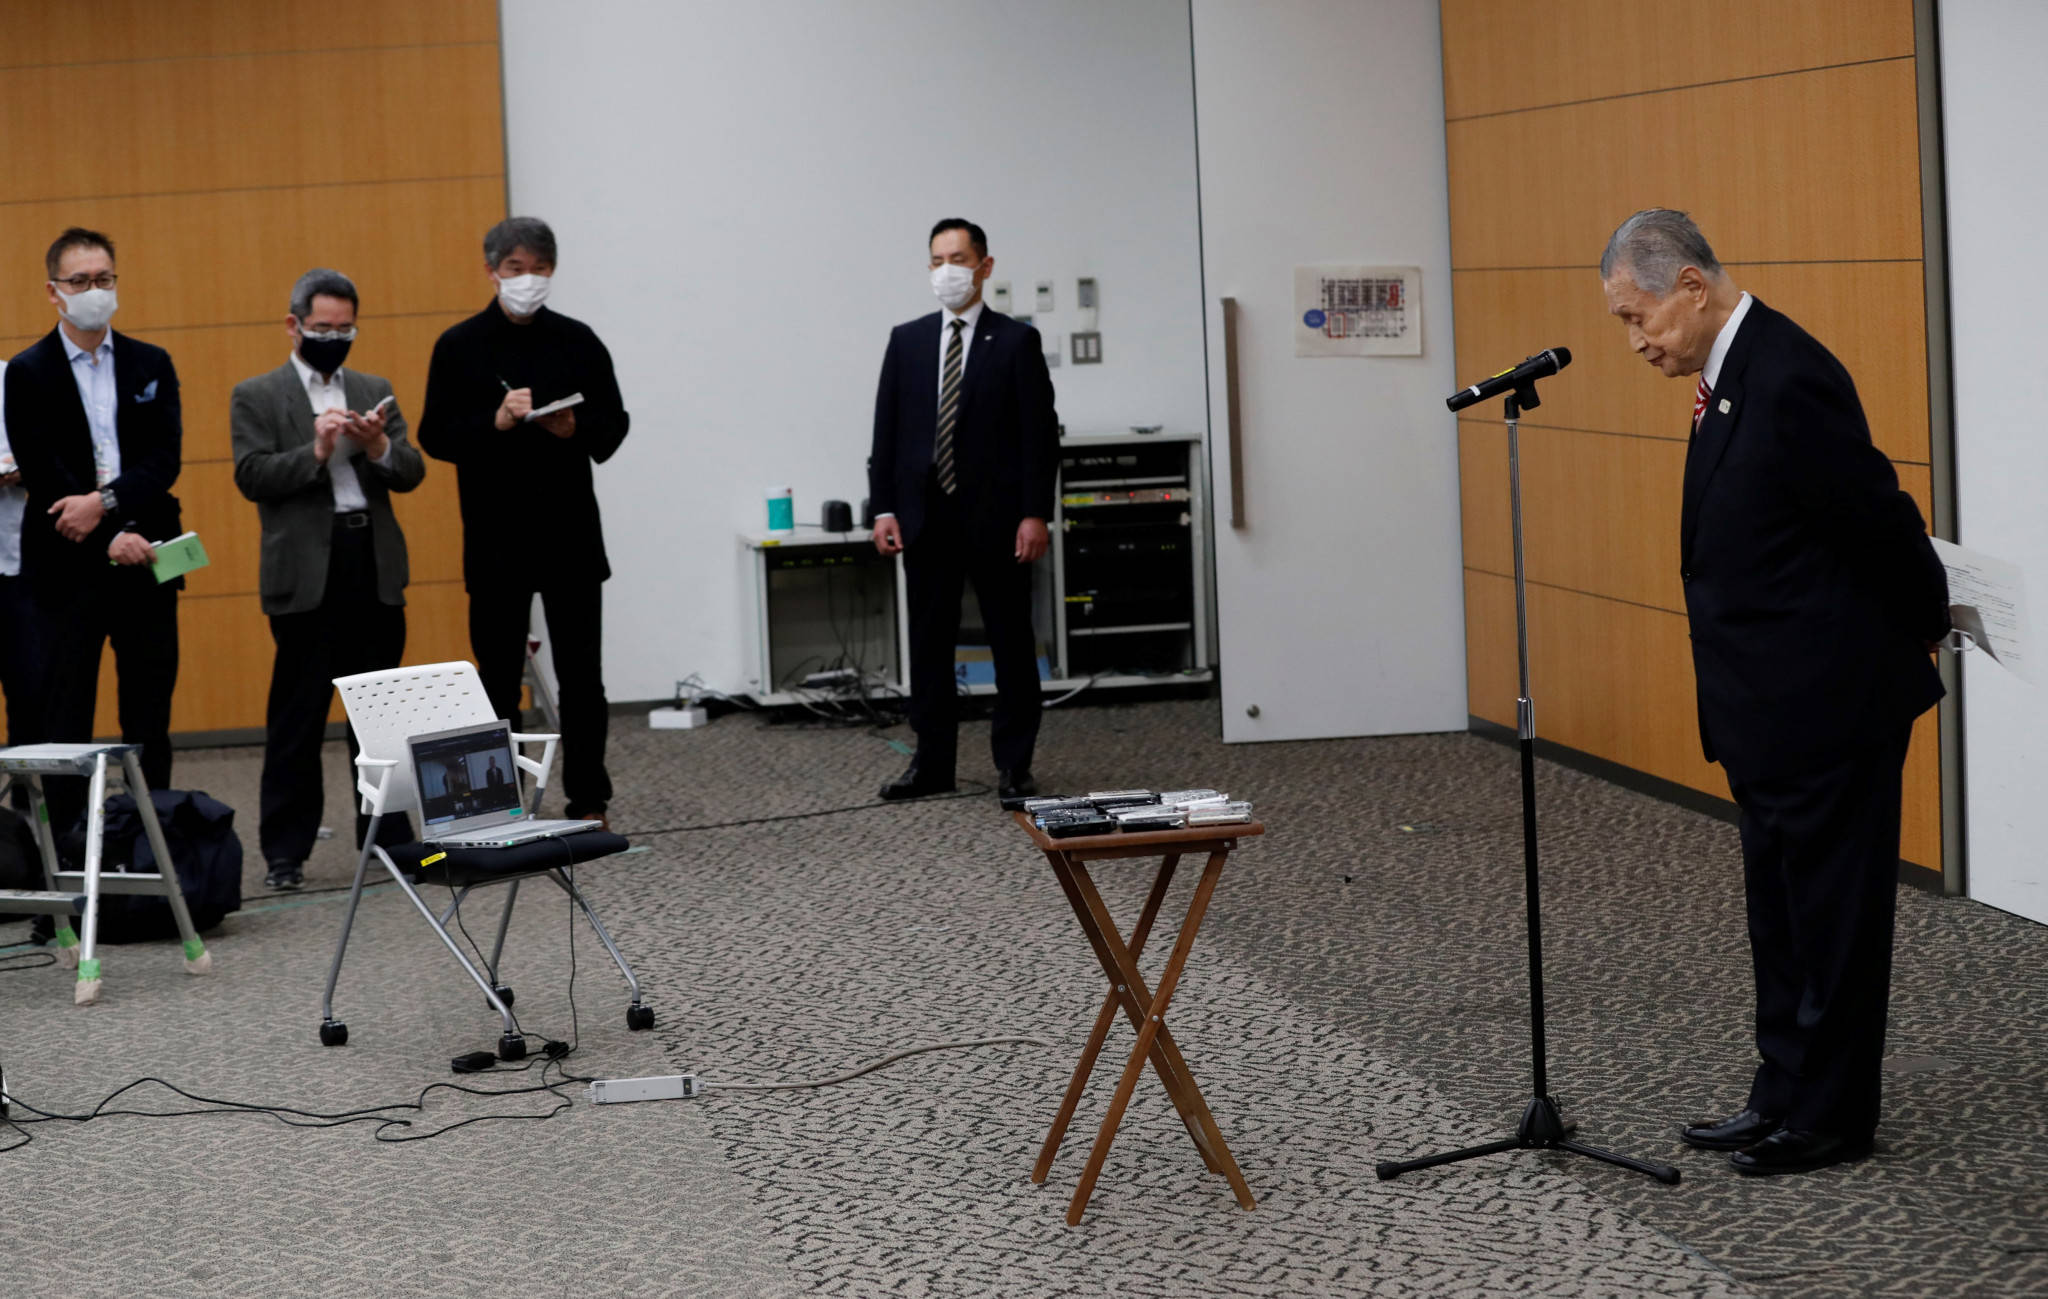 各方声讨森喜朗性别歧视言论 网民要求尽快下台_日本政府